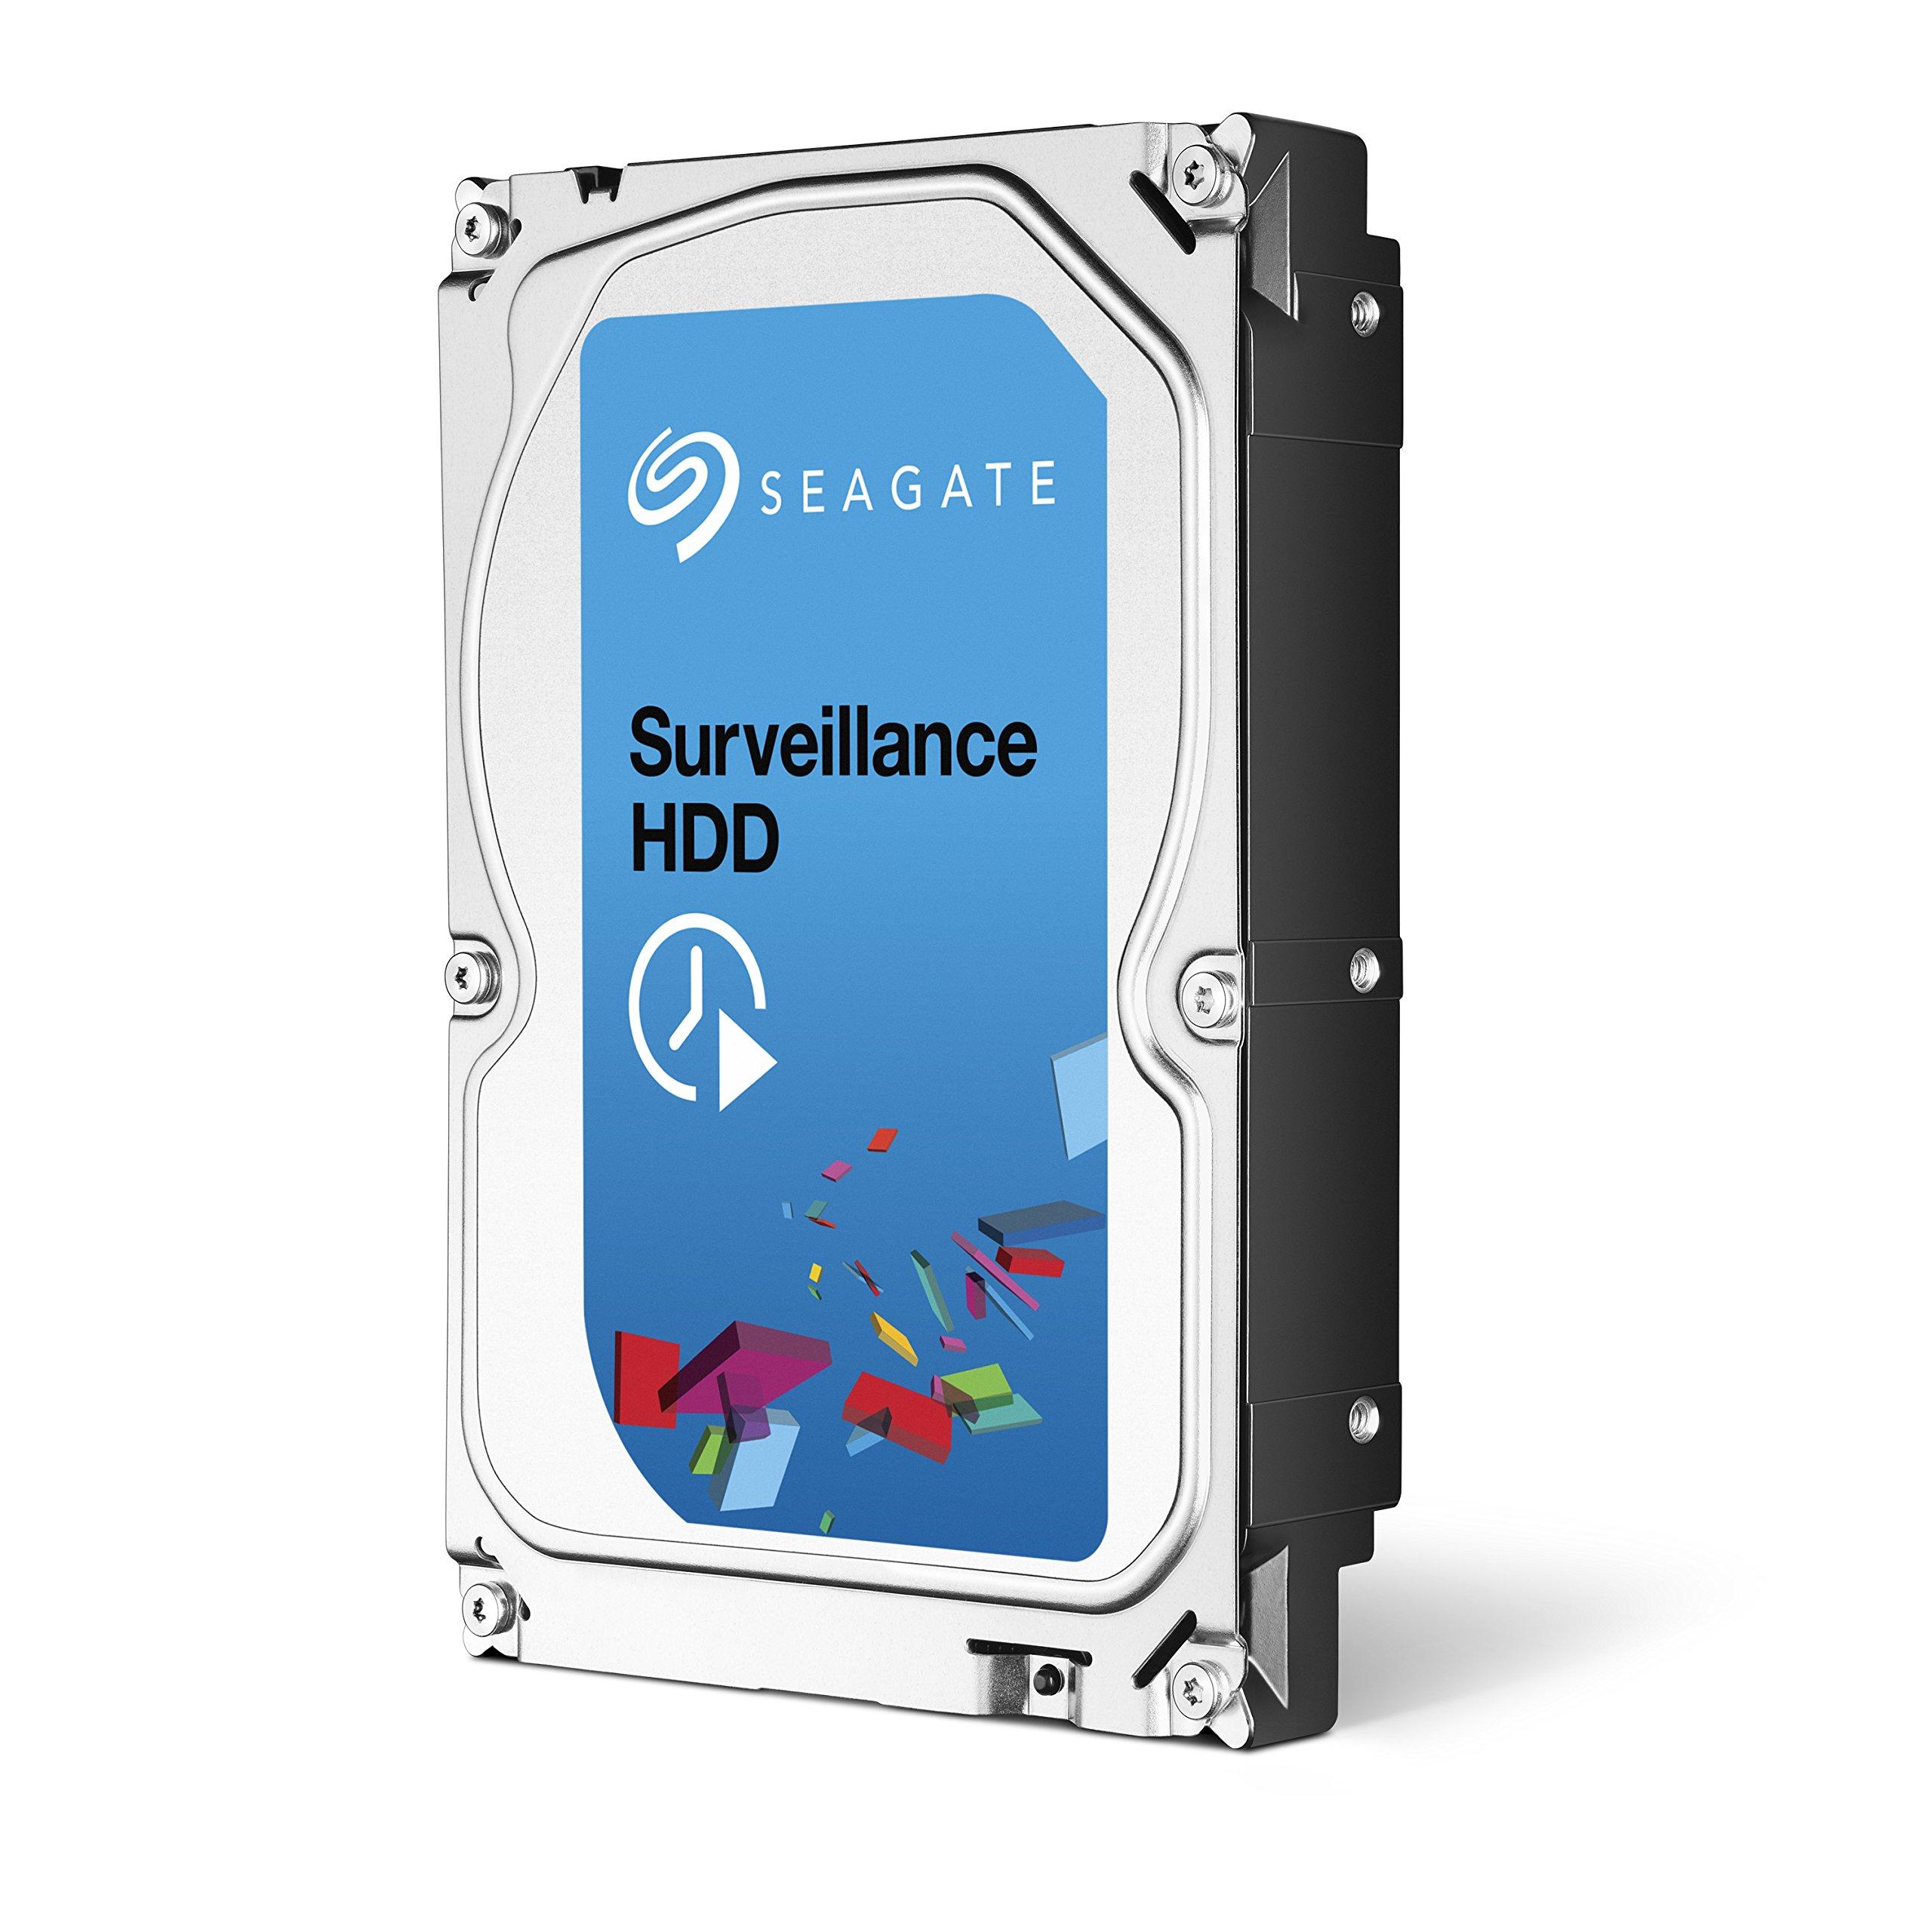 (Old Model) Seagate 1TB Surveillance HDD 6-Gb/s Internal Hard Drive (ST1000VX0001)